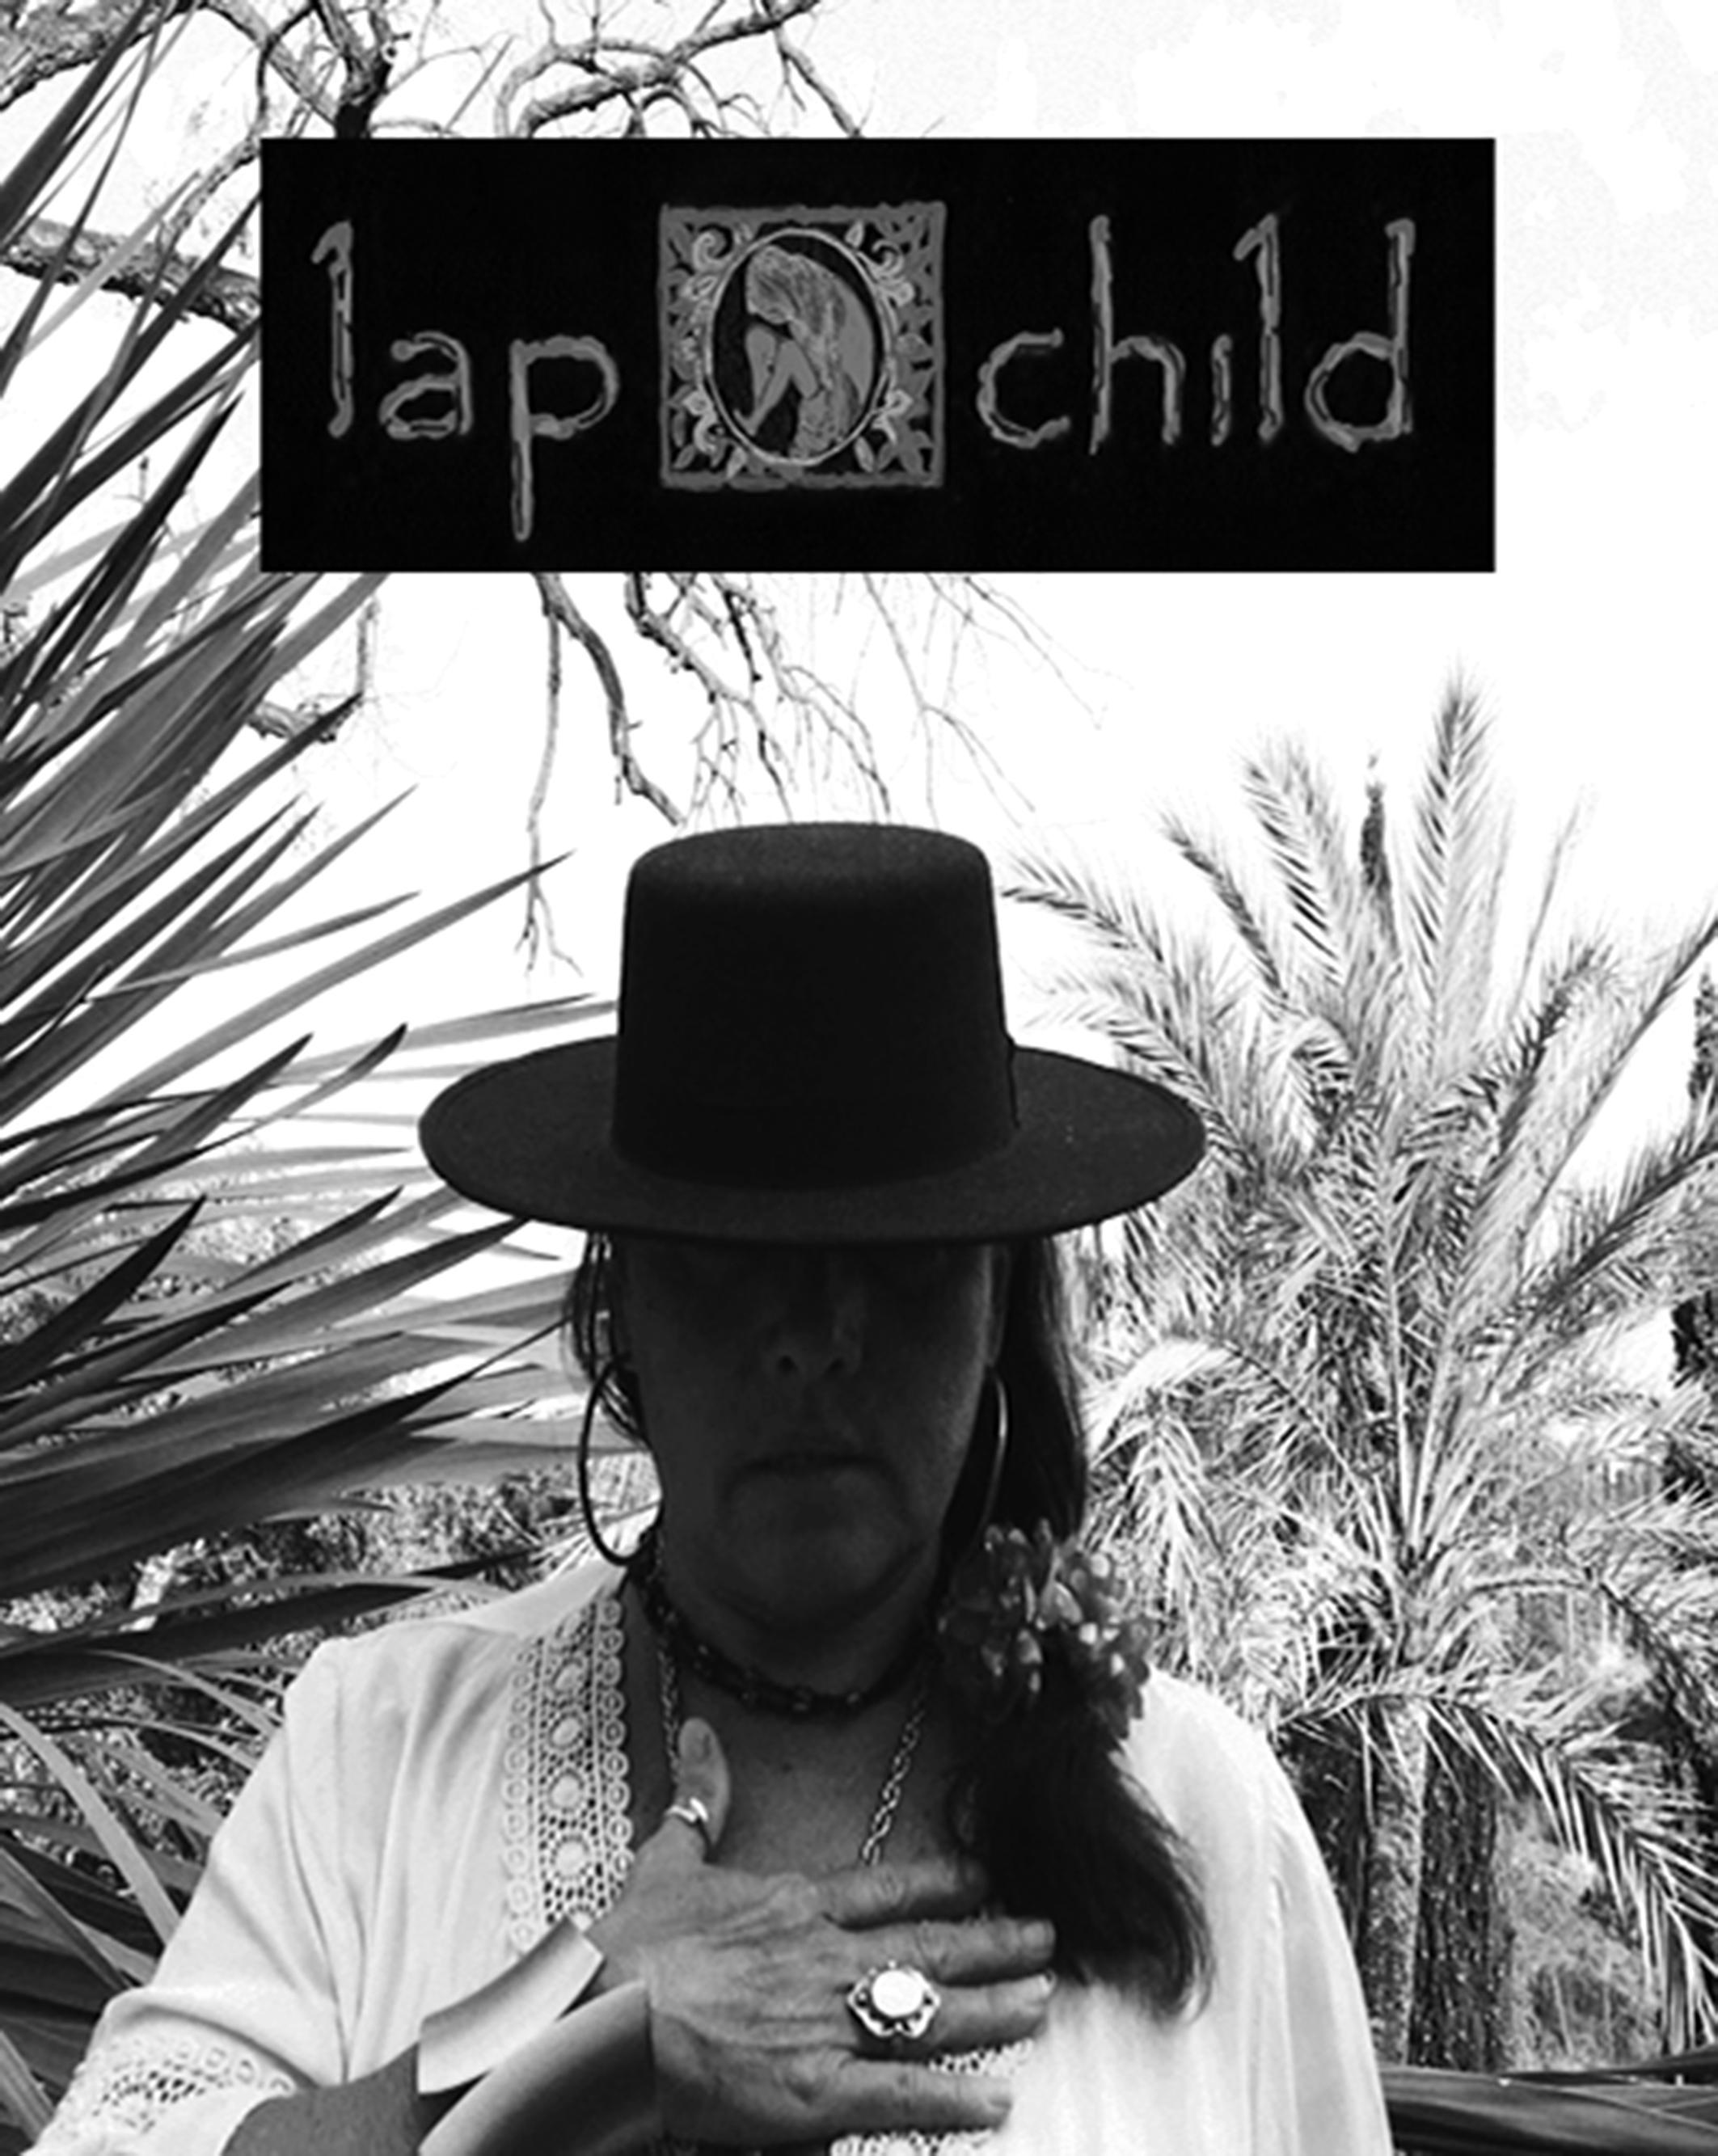 Lap Child